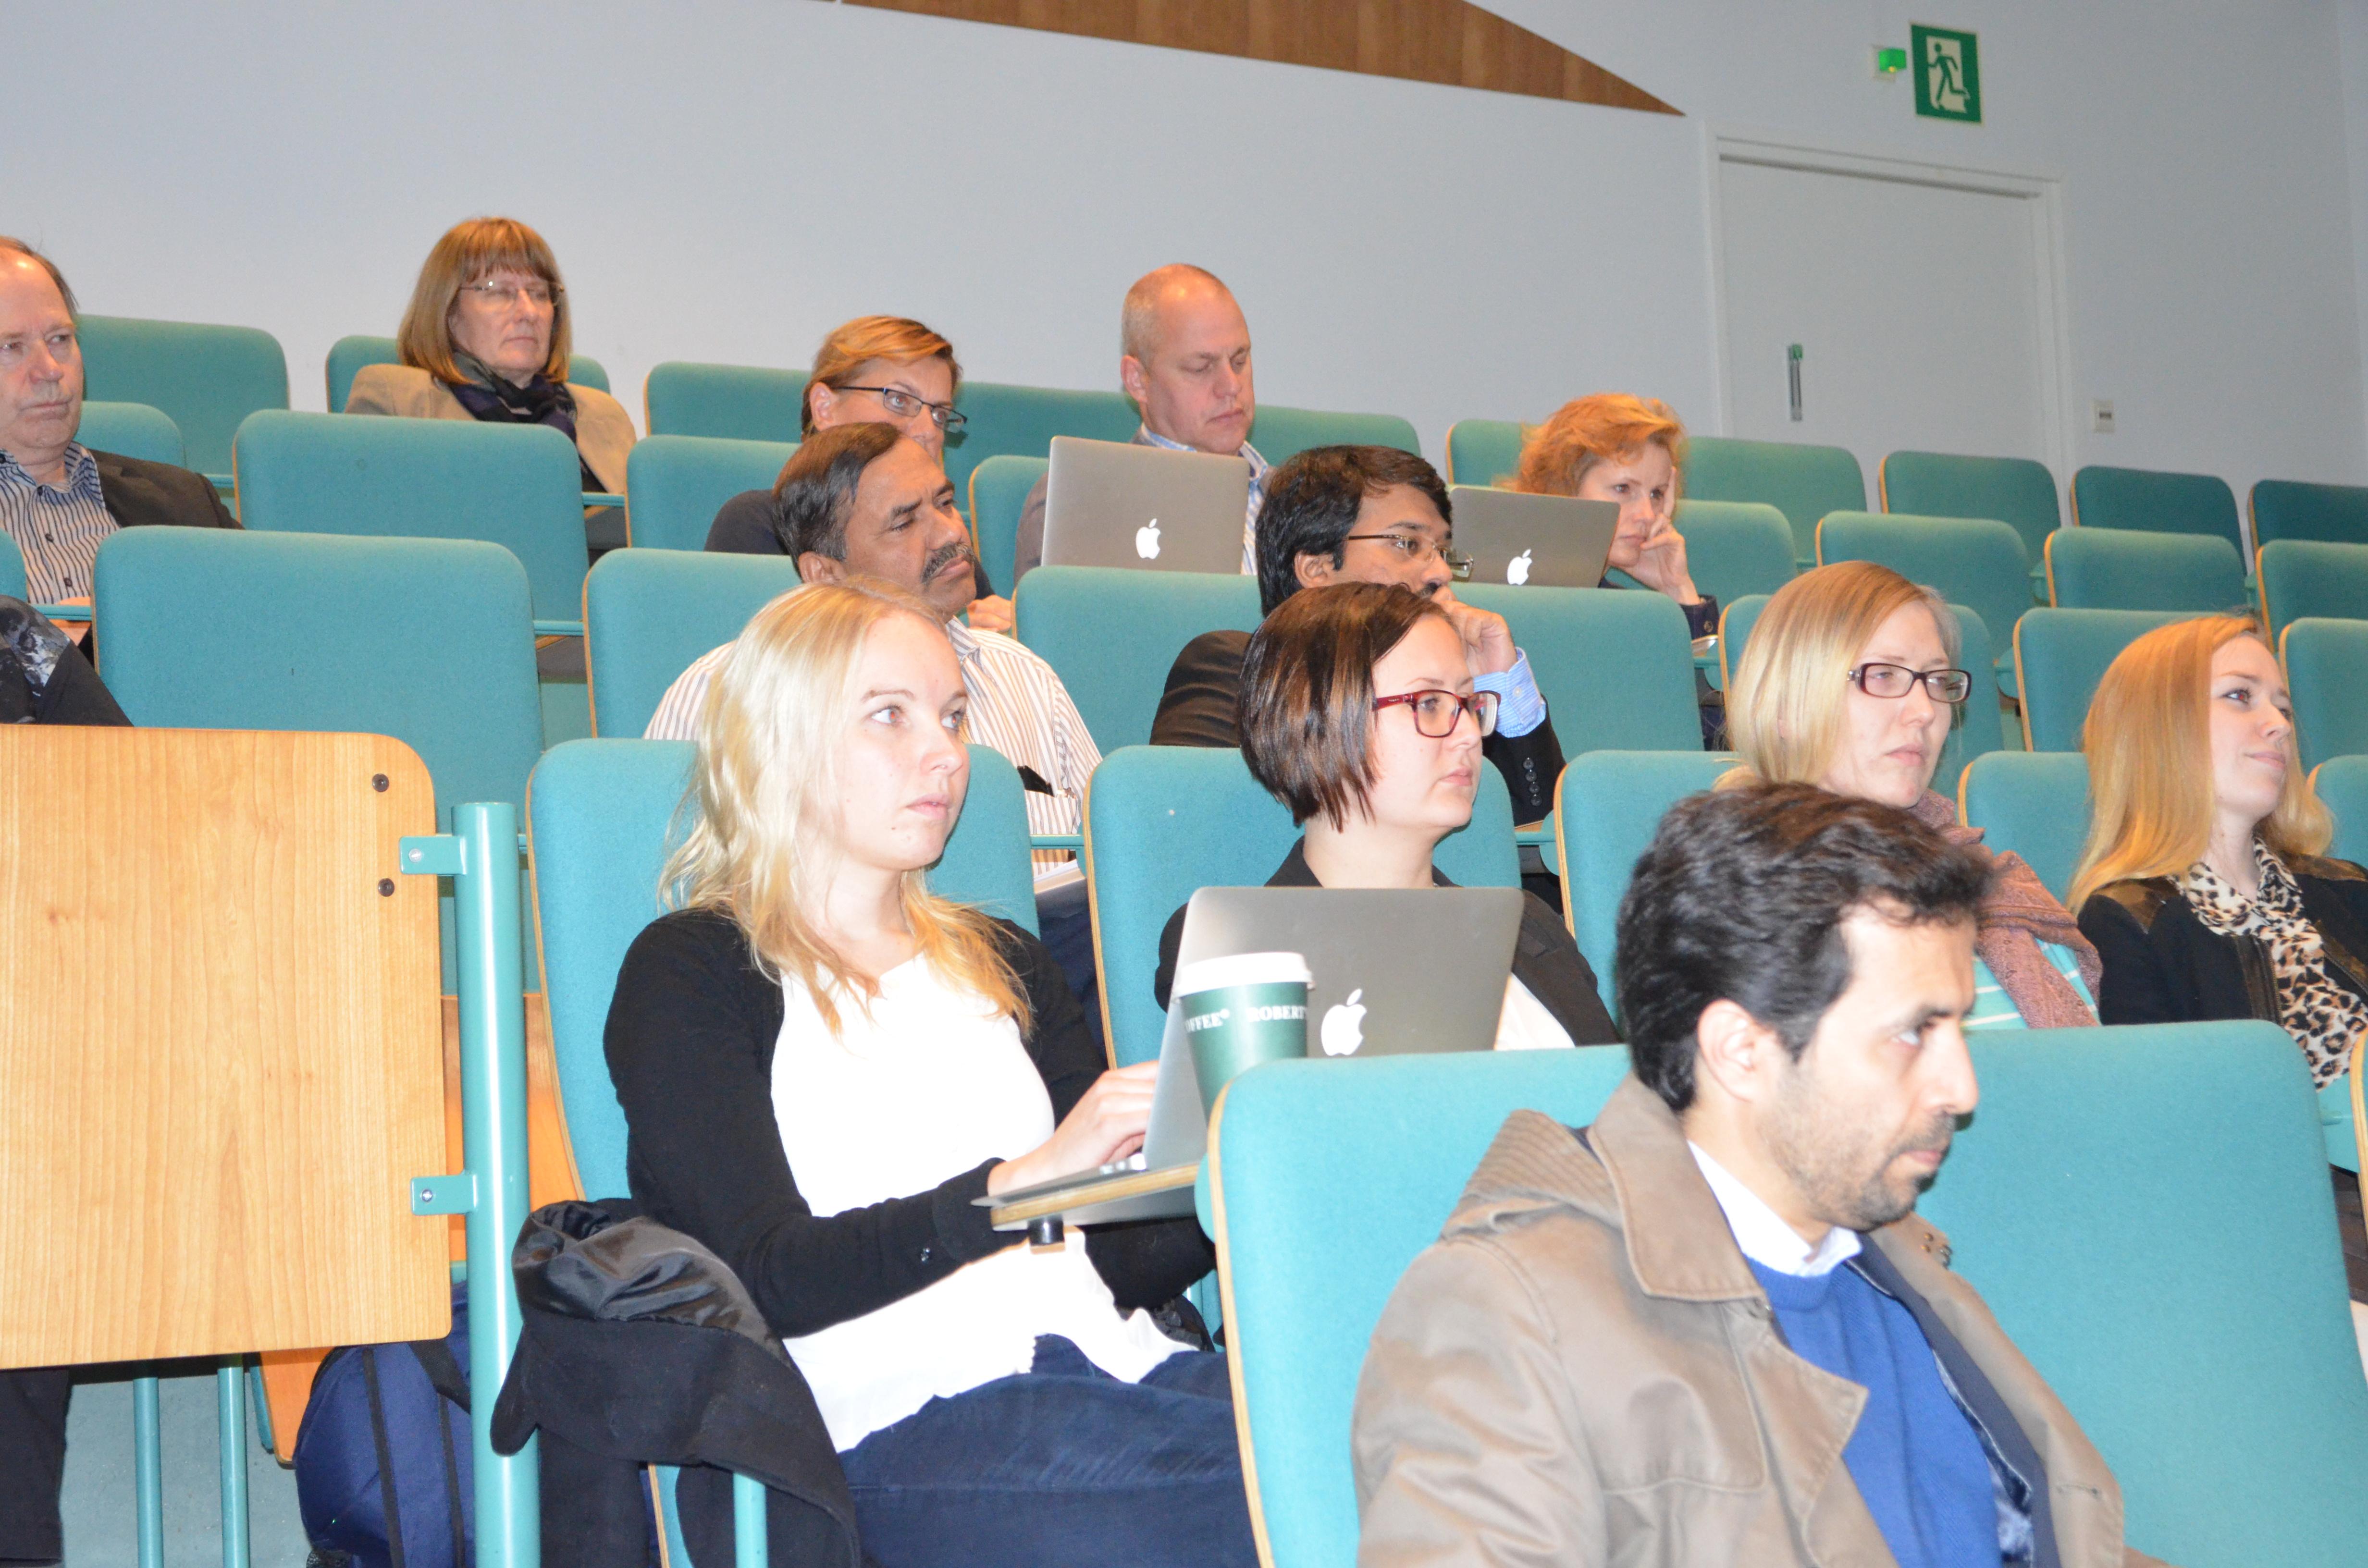 Participants in Symposium